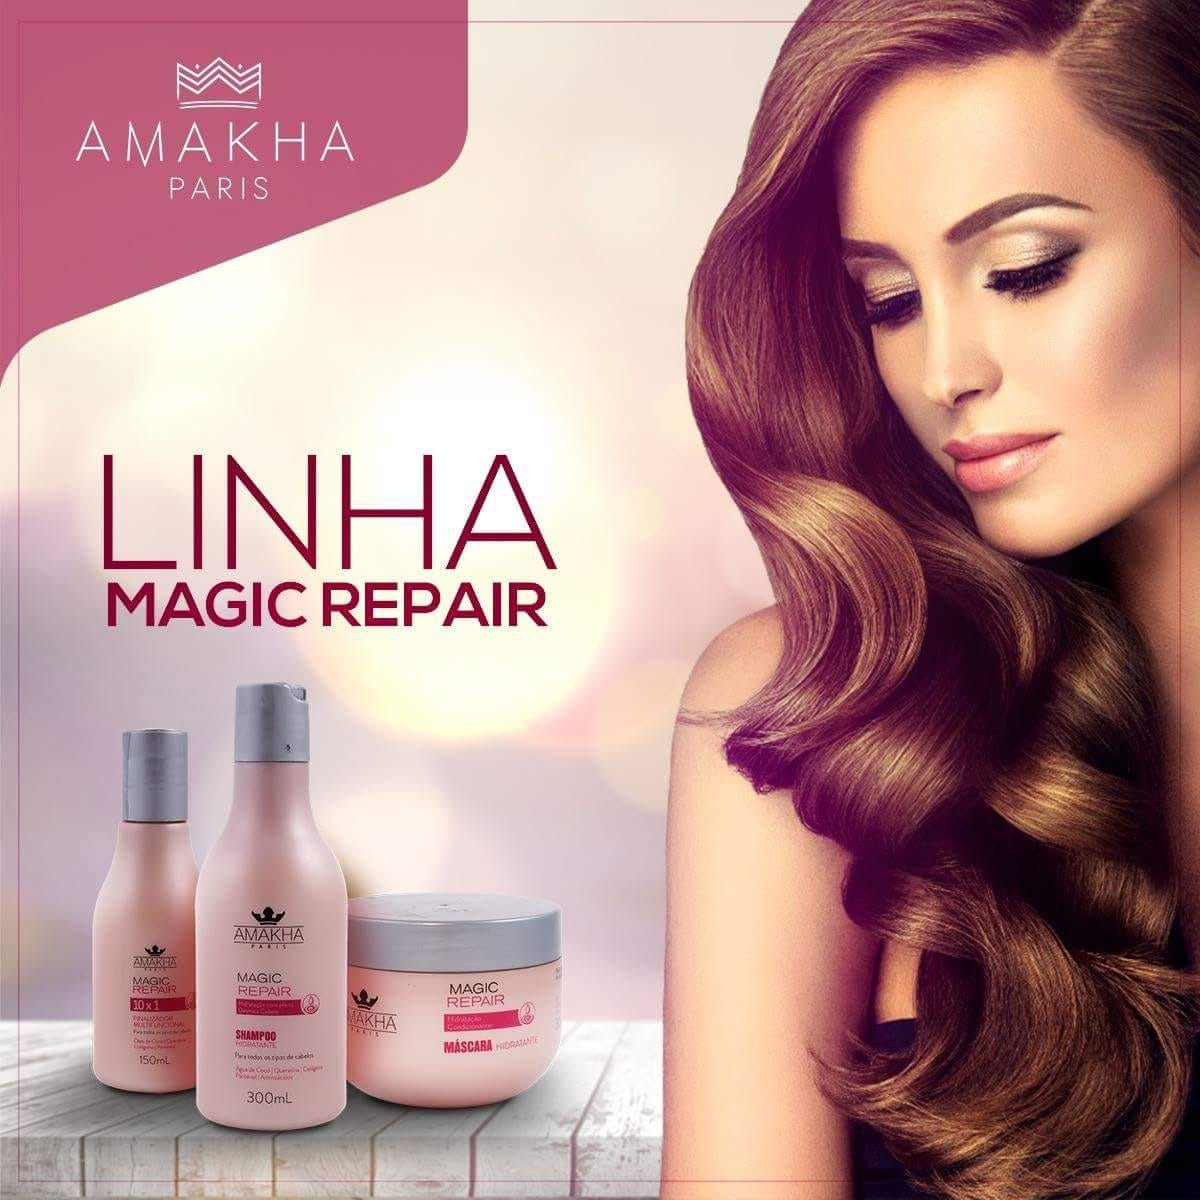 c5018f703 Linha Magic Repair Amakha Paris. - R$ 210,00 em Mercado Livre